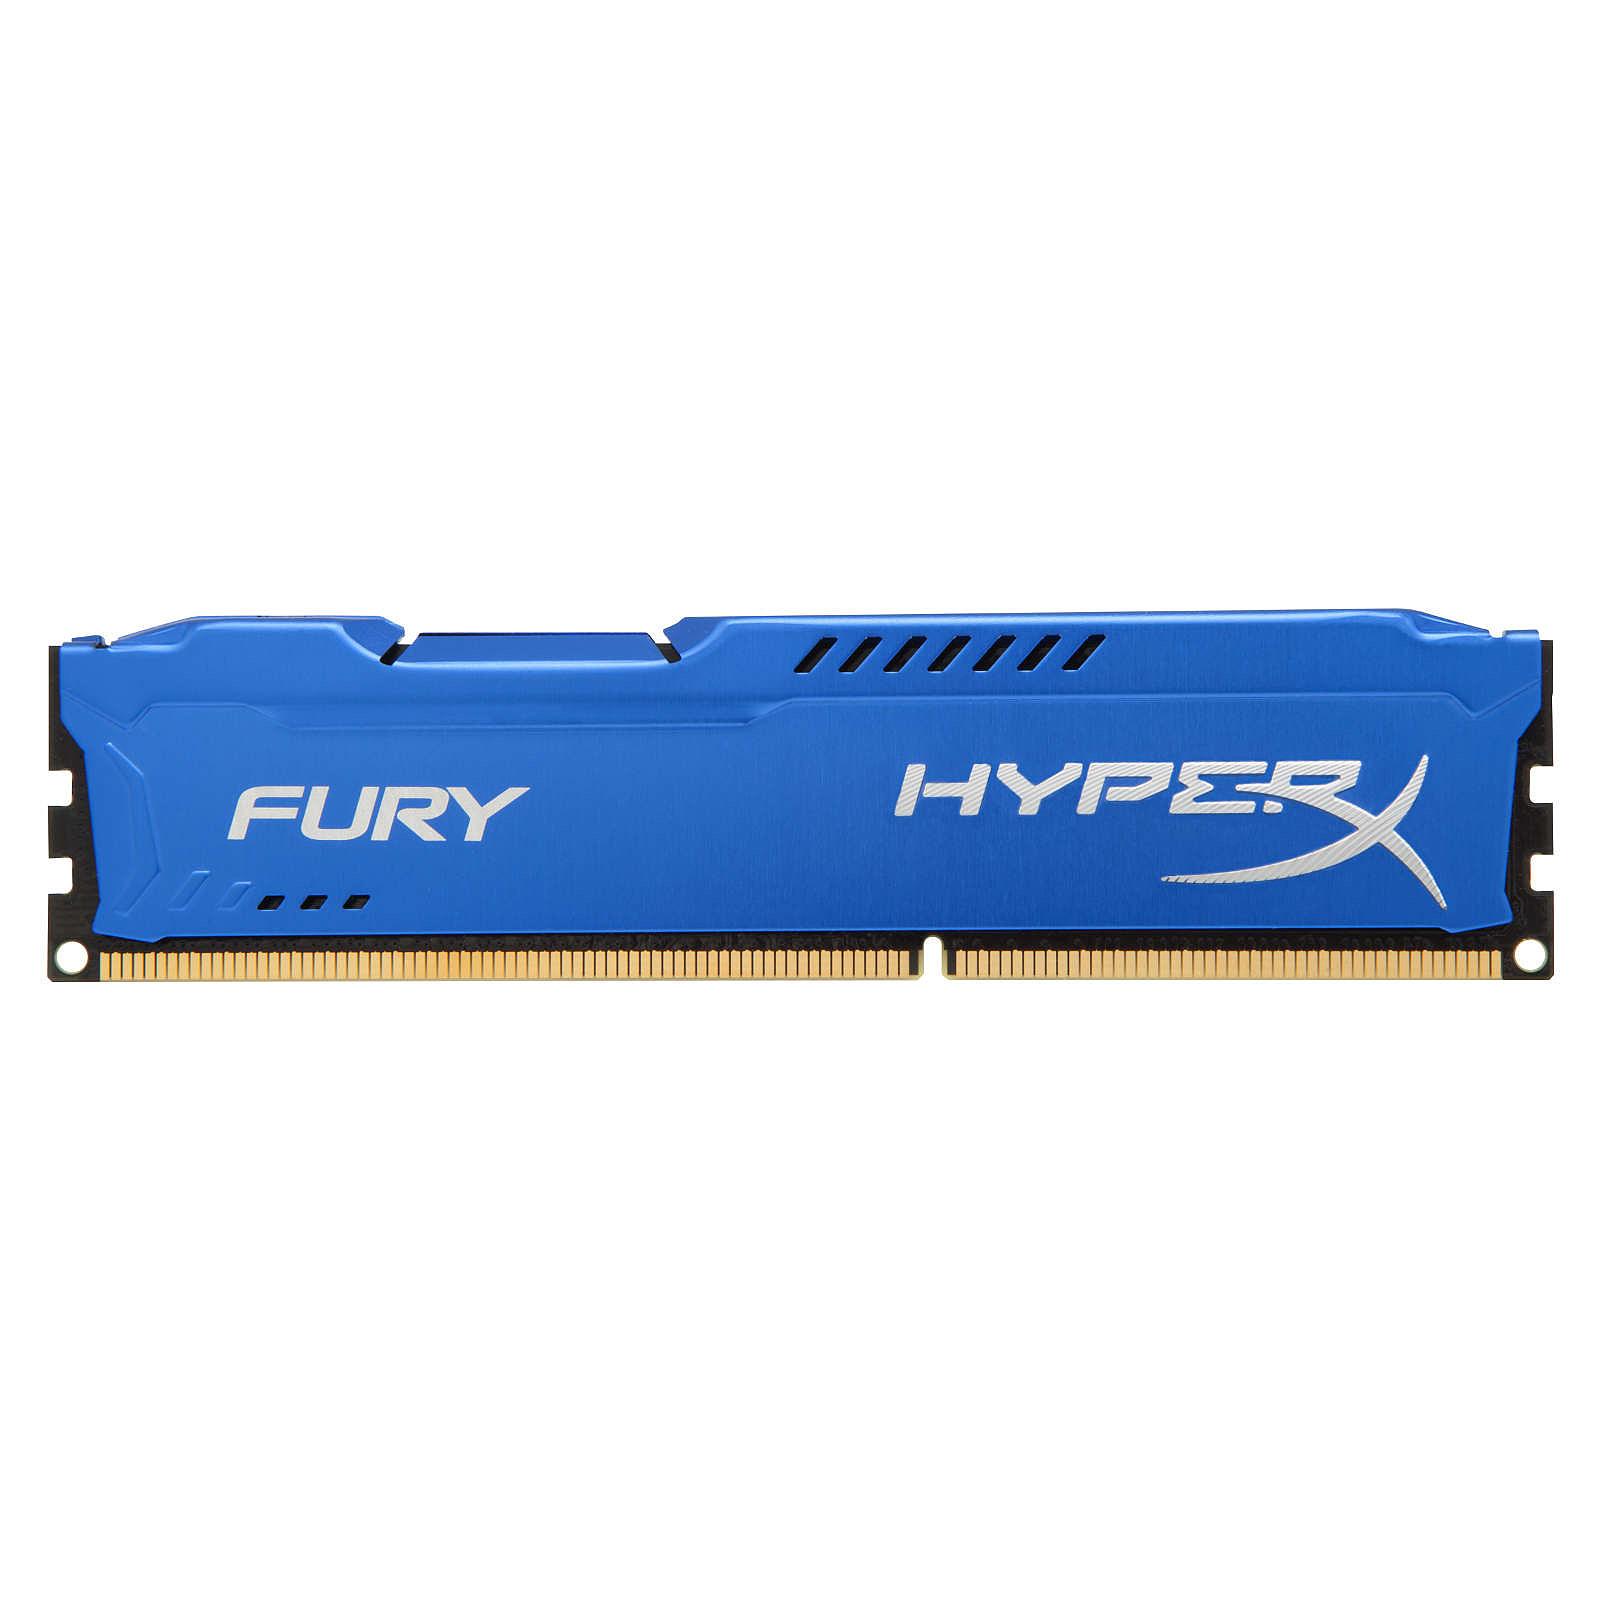 HyperX Fury 8 Go DDR3 1333 MHz CL9